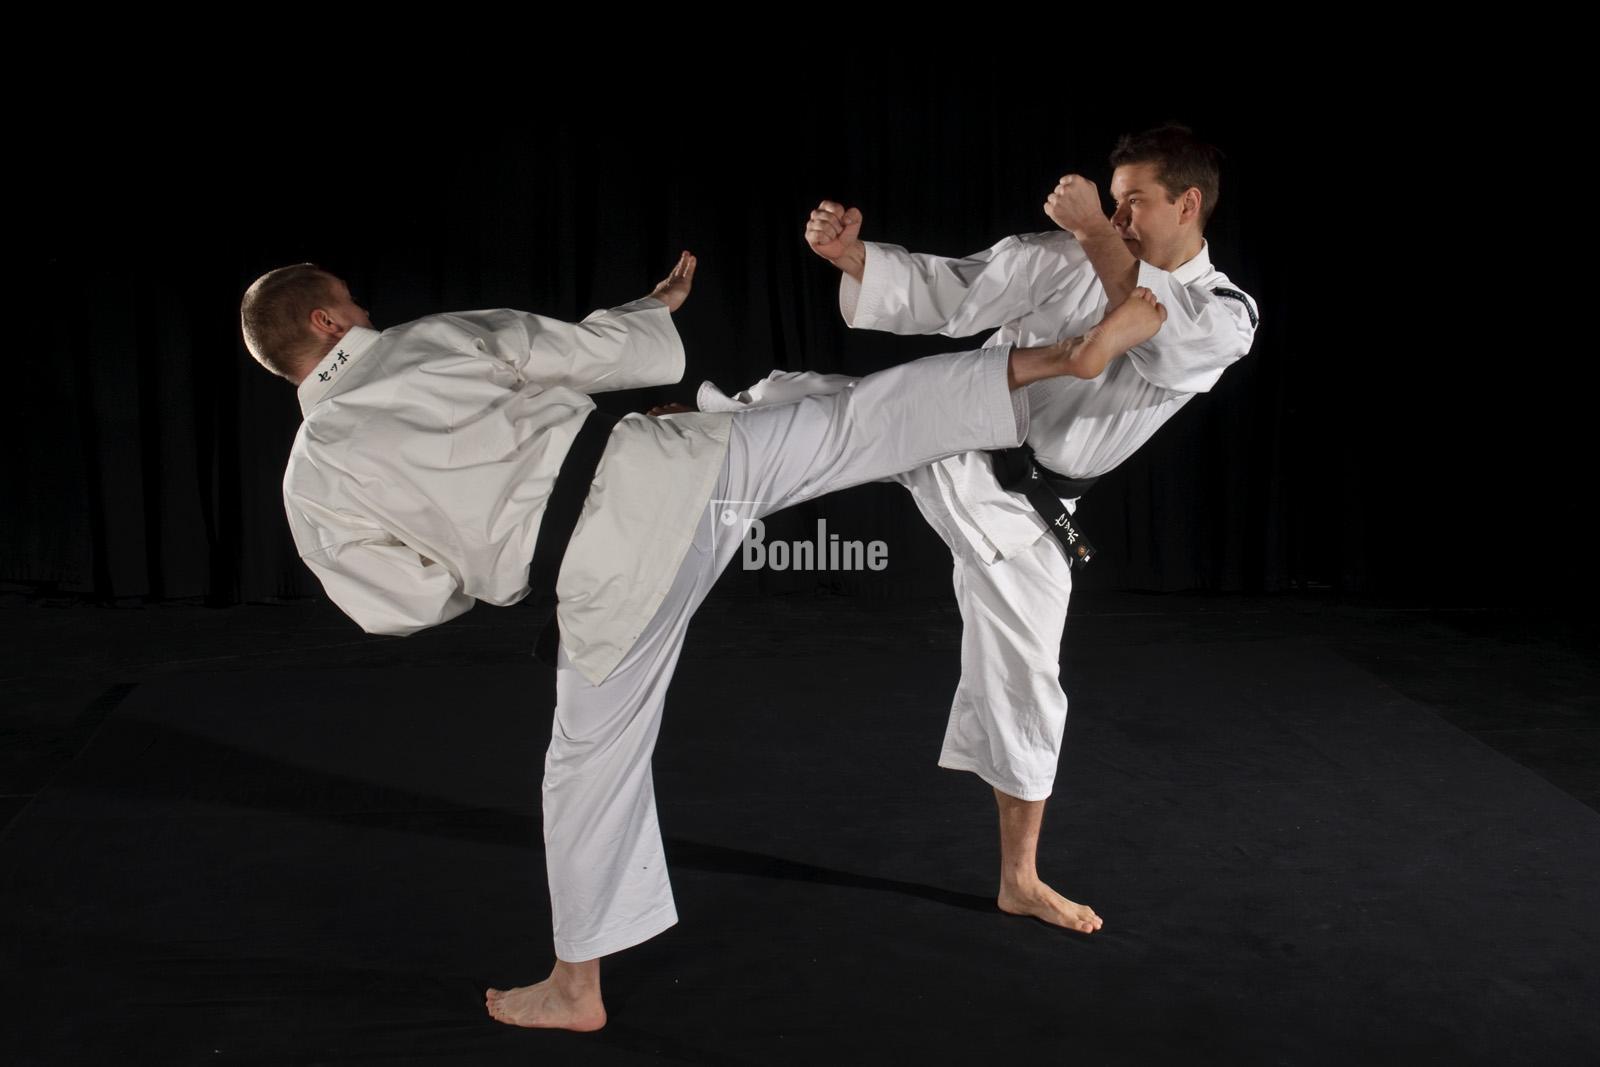 Тренировка. Обучение японскому боевому искусству.